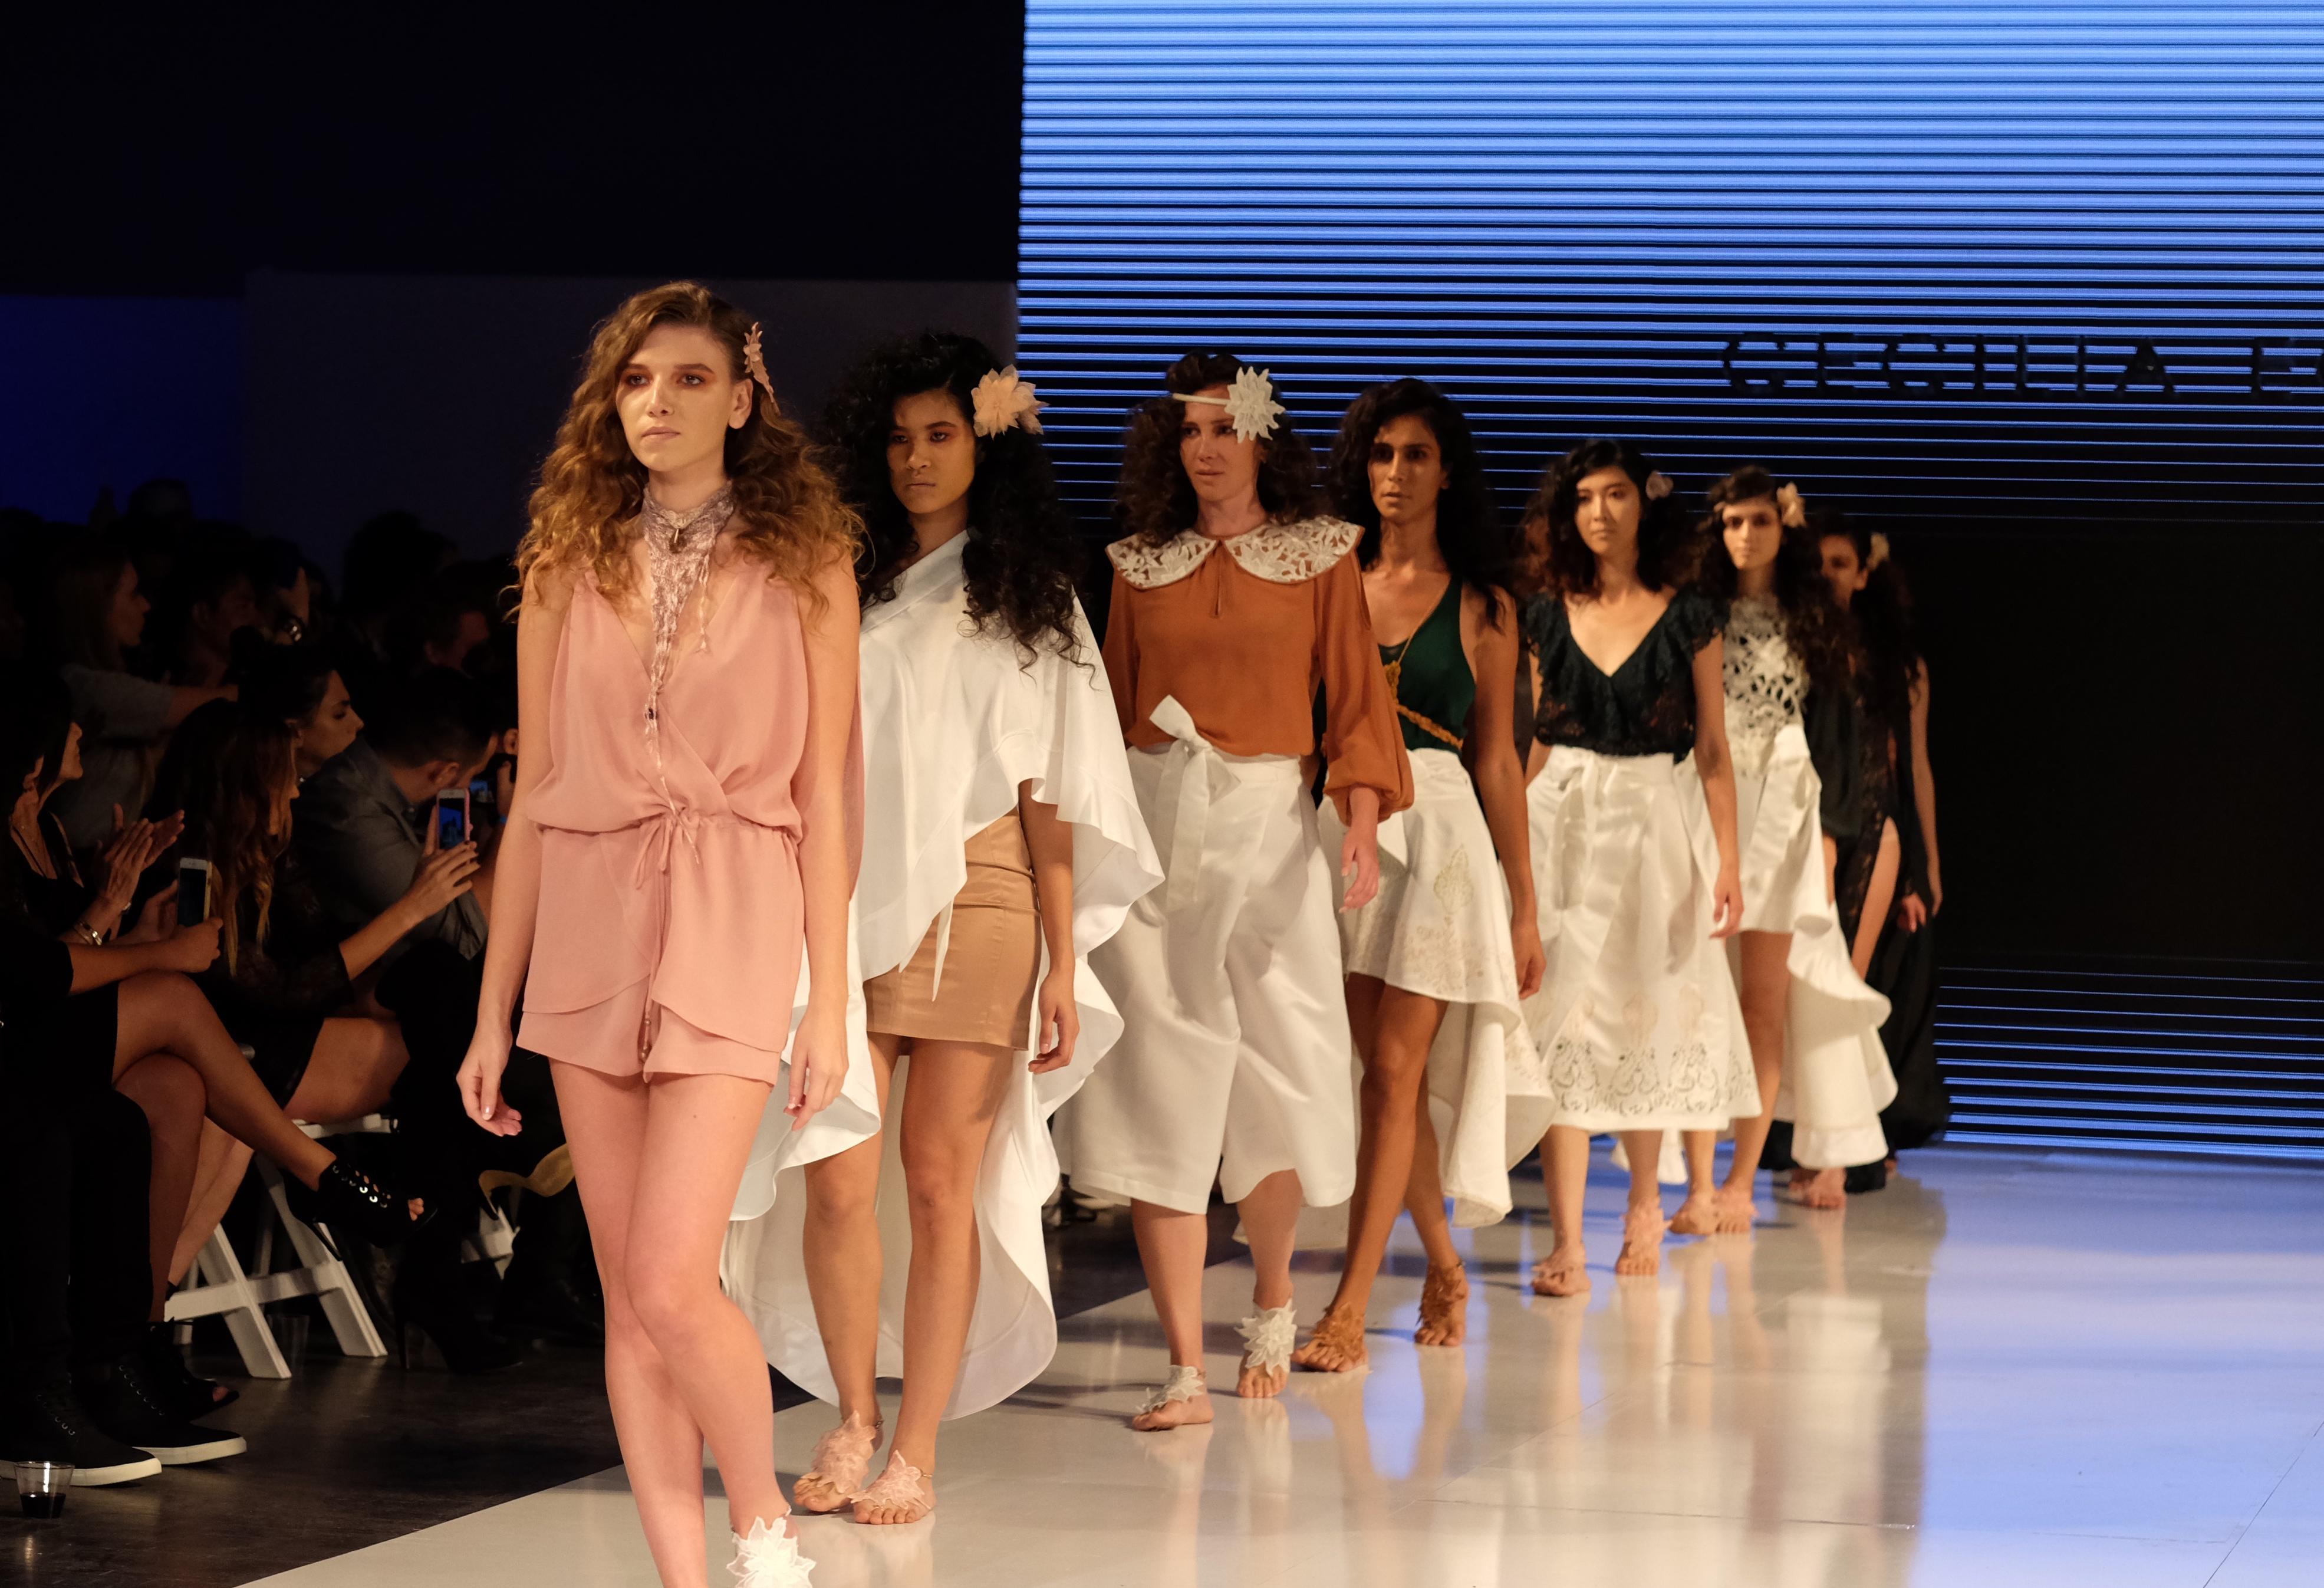 LAFW S/S17 Designer: Cecilia Echenique Lead Hair: Luxelab Editorial Director Jen Beckerman Photo: Liz Abrams